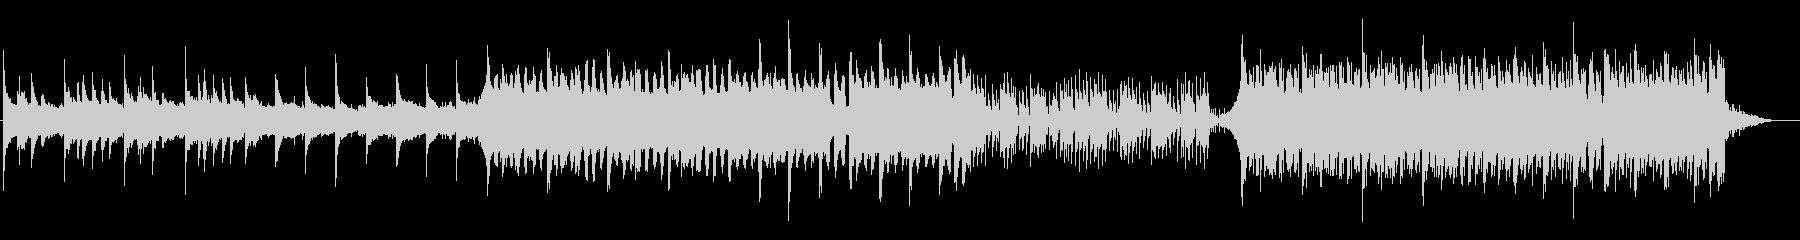 穏やかなピアノ・エレクトリック2の未再生の波形